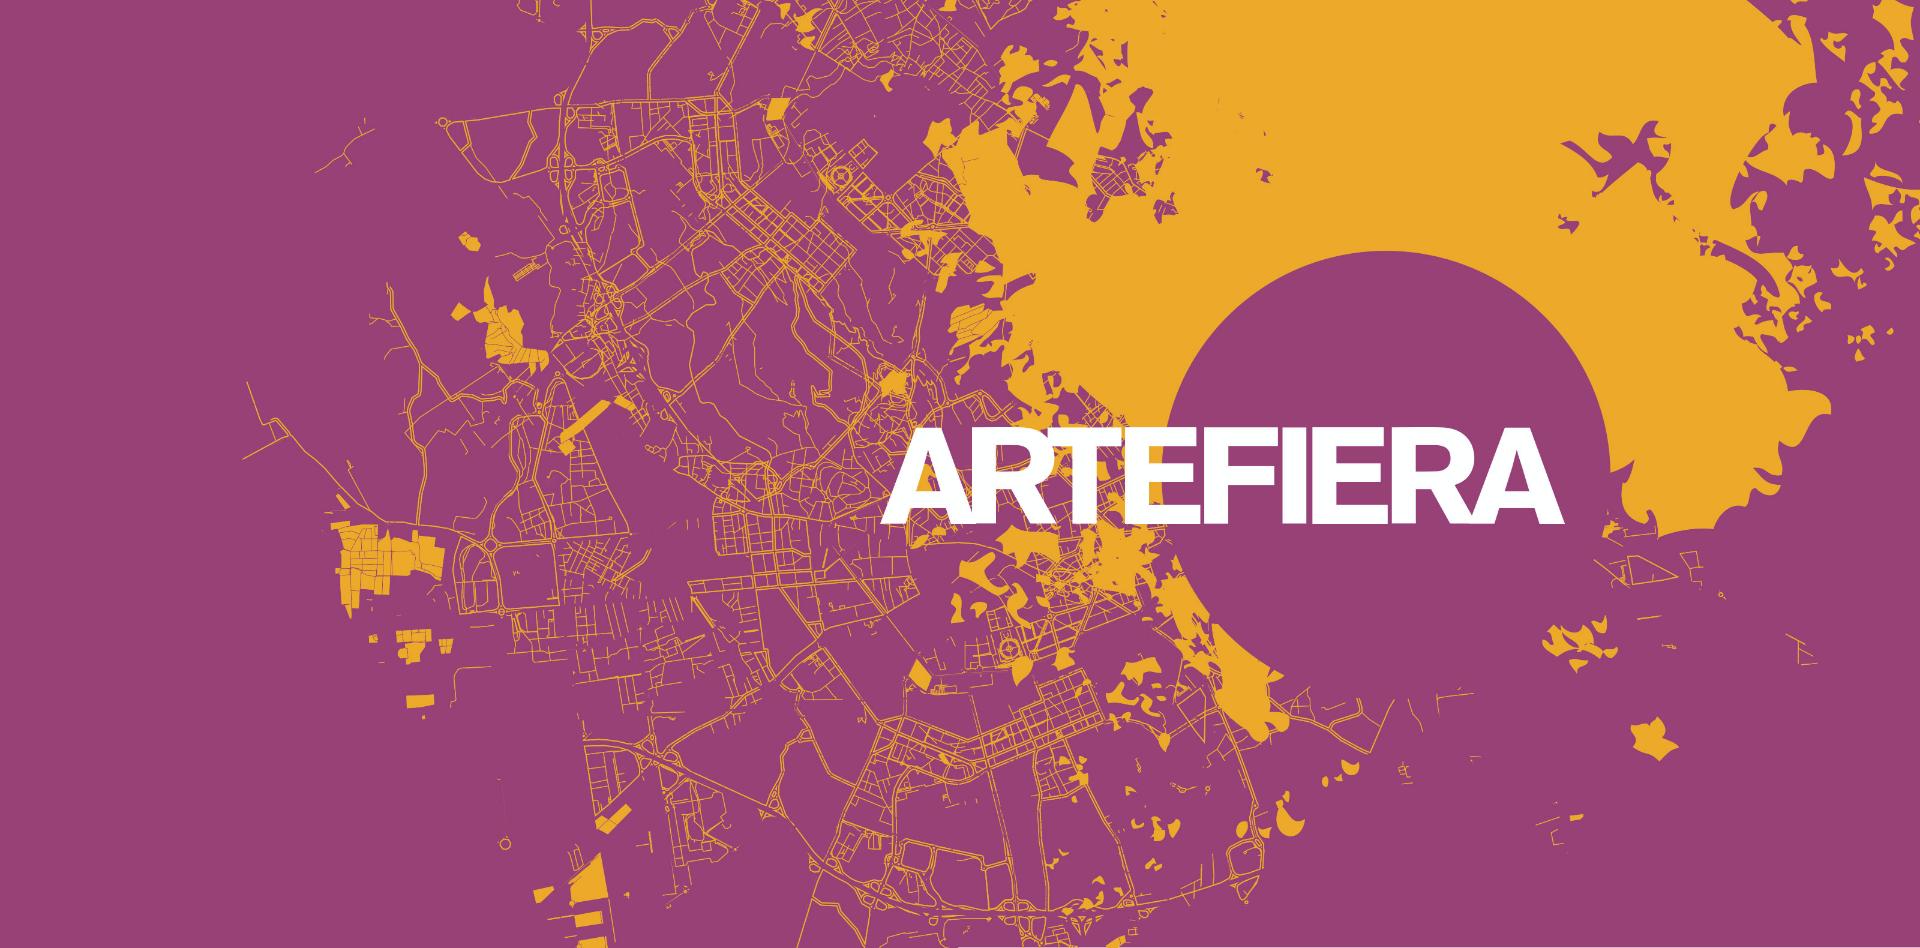 ArteFiera 2020